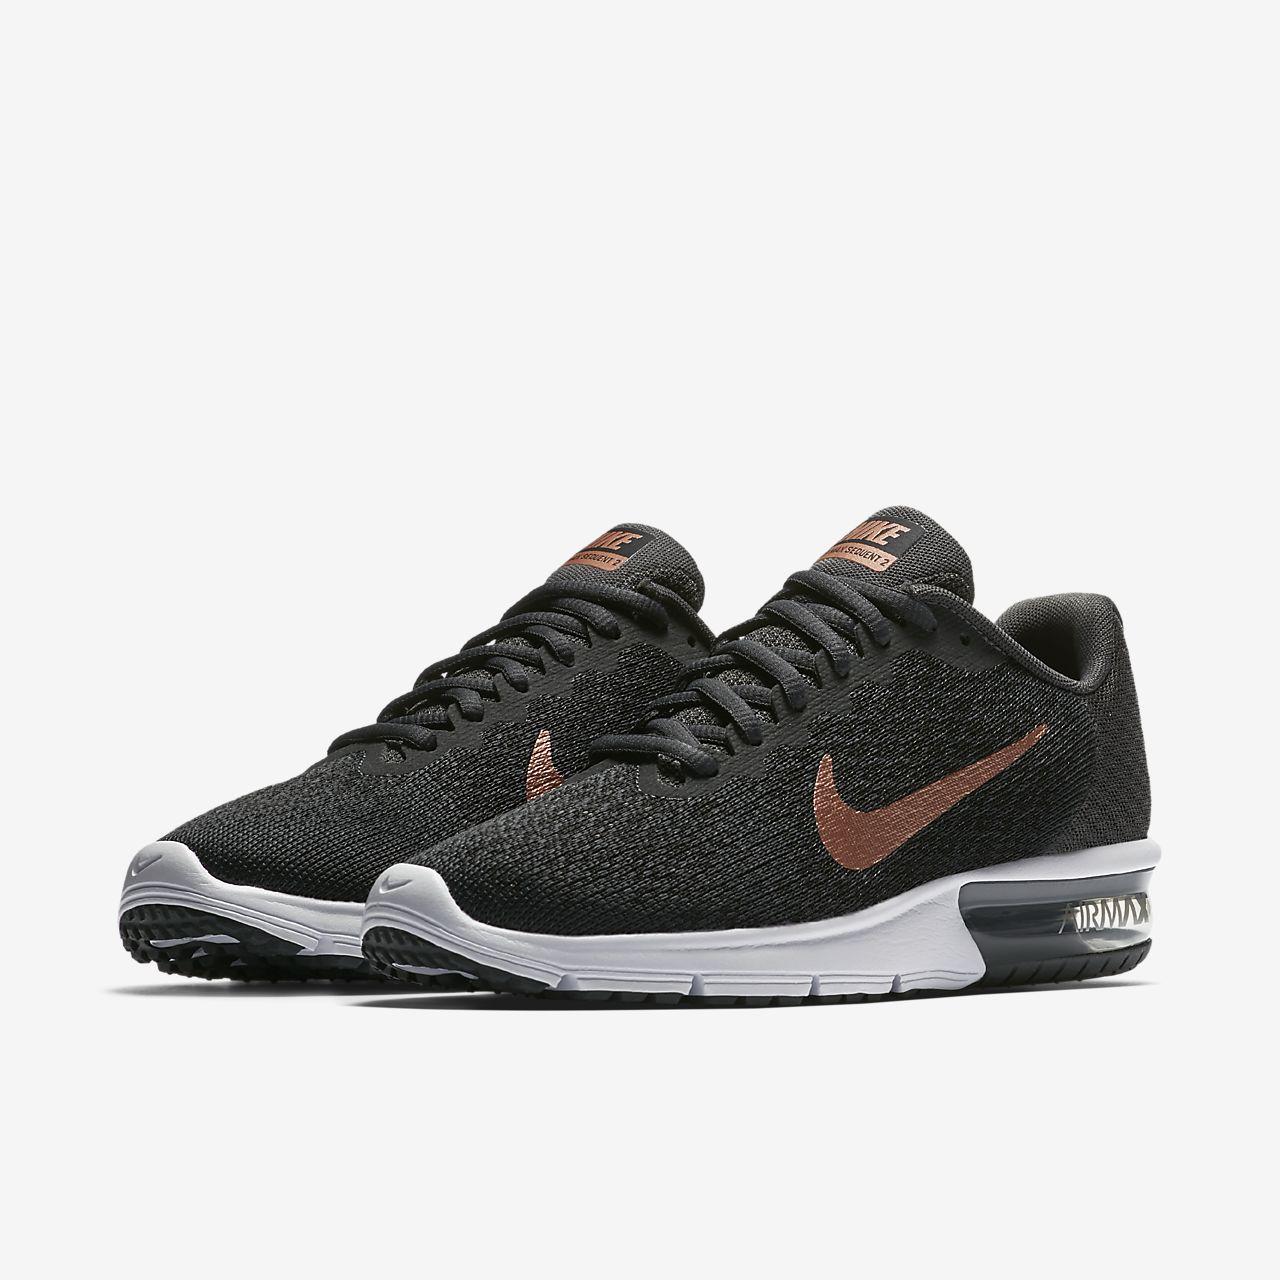 cheaper fc3ca 4ae14 ... shoes 287c0 253cc shopping nike air max sequent 2 womens running shoe  03fb1 55916 ...